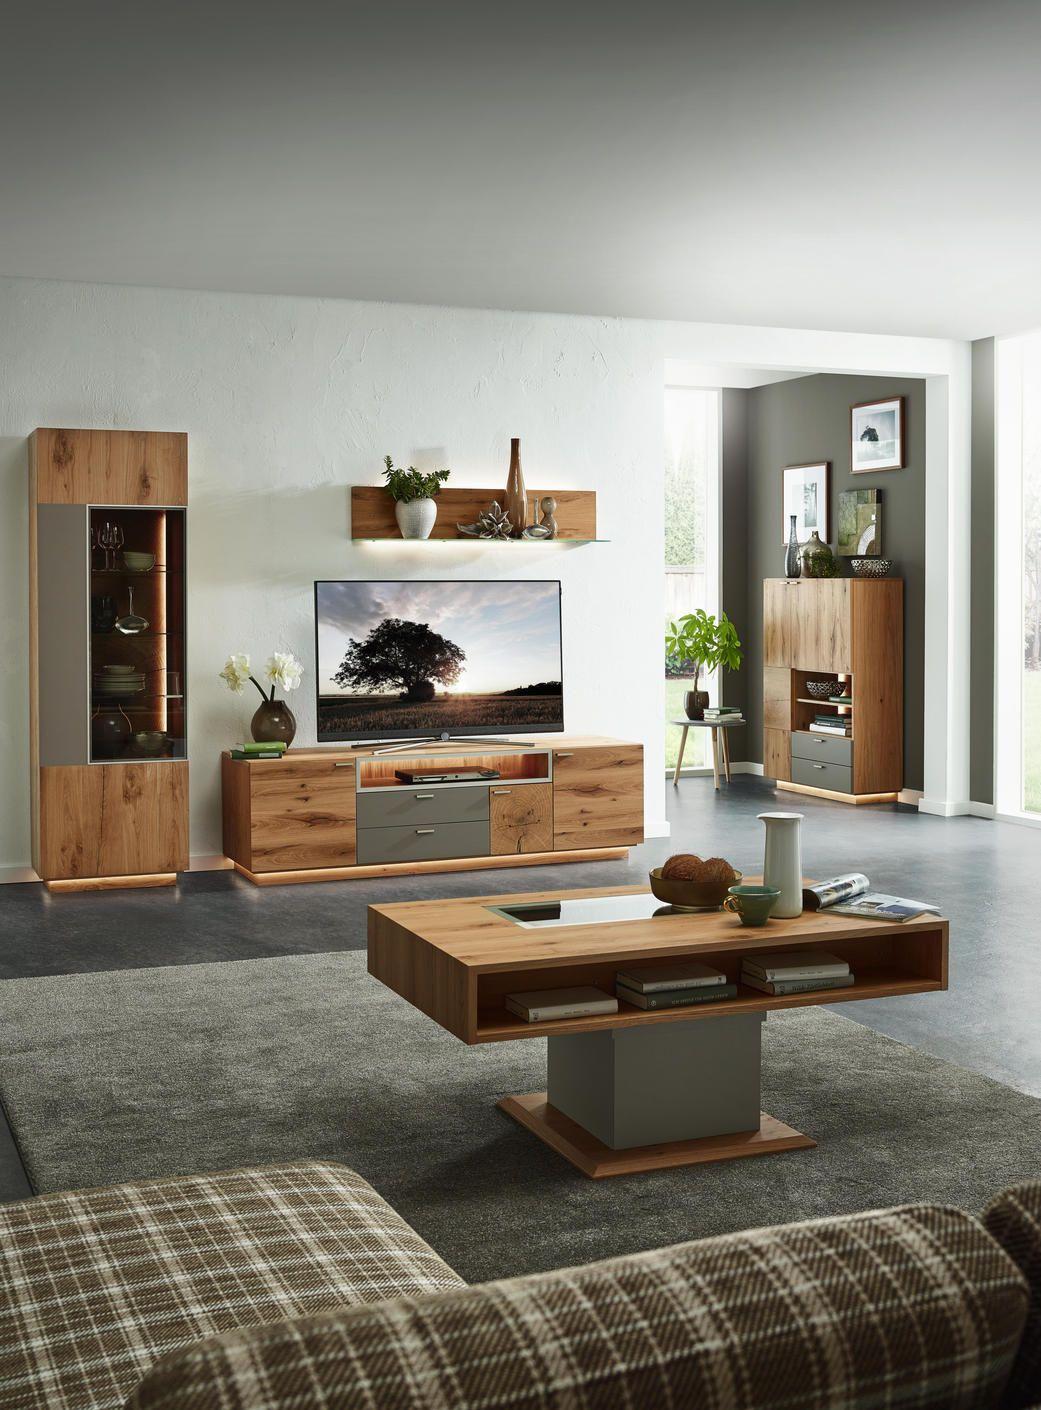 Wohnwand Eichefarben Walnussfarben Holz Wohnen Wohnzimmer Tv